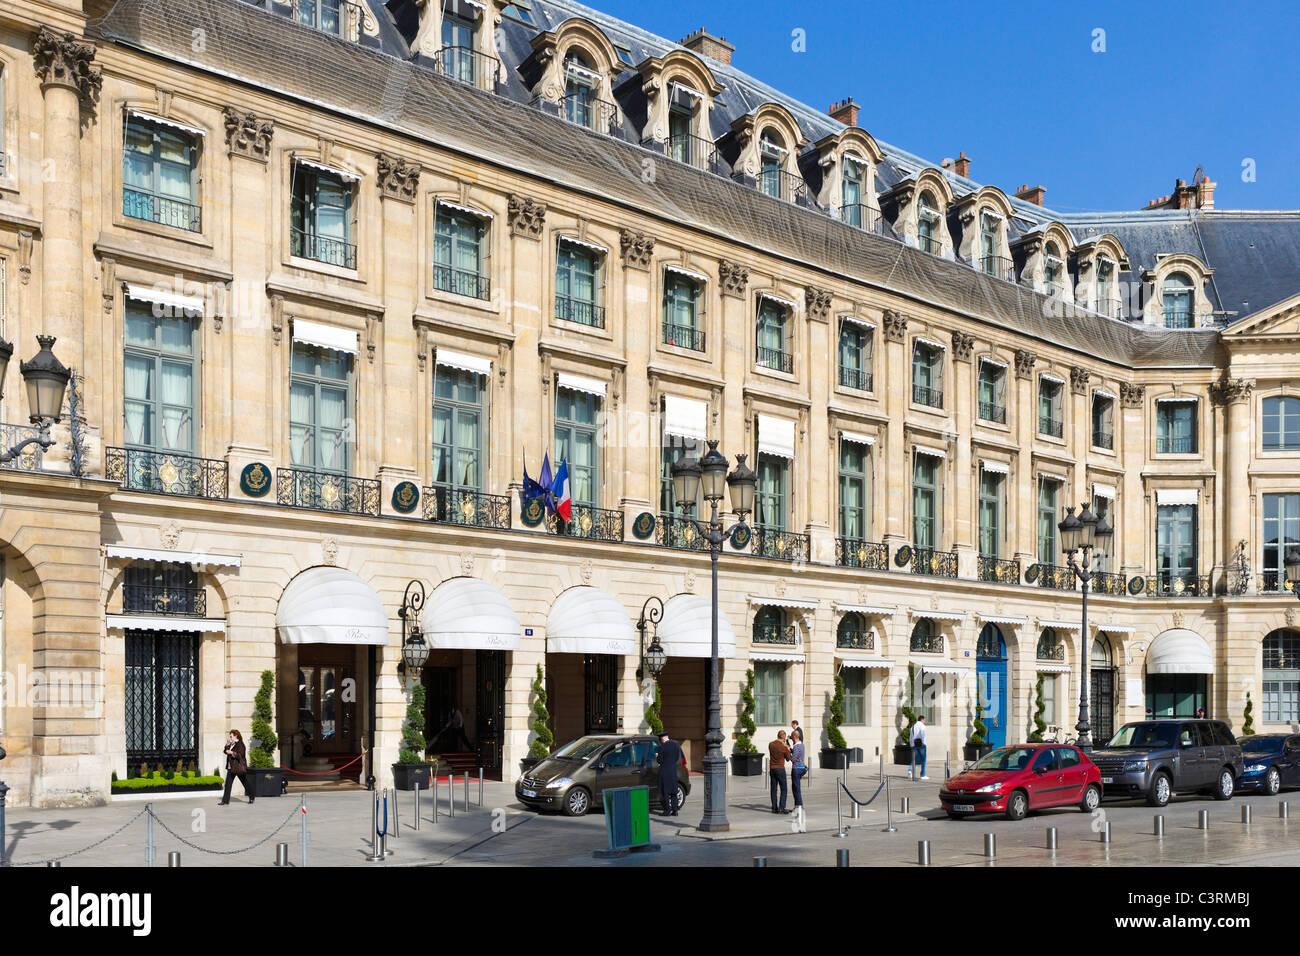 The Ritz Hotel, Place Vendome, Paris, France - Stock Image